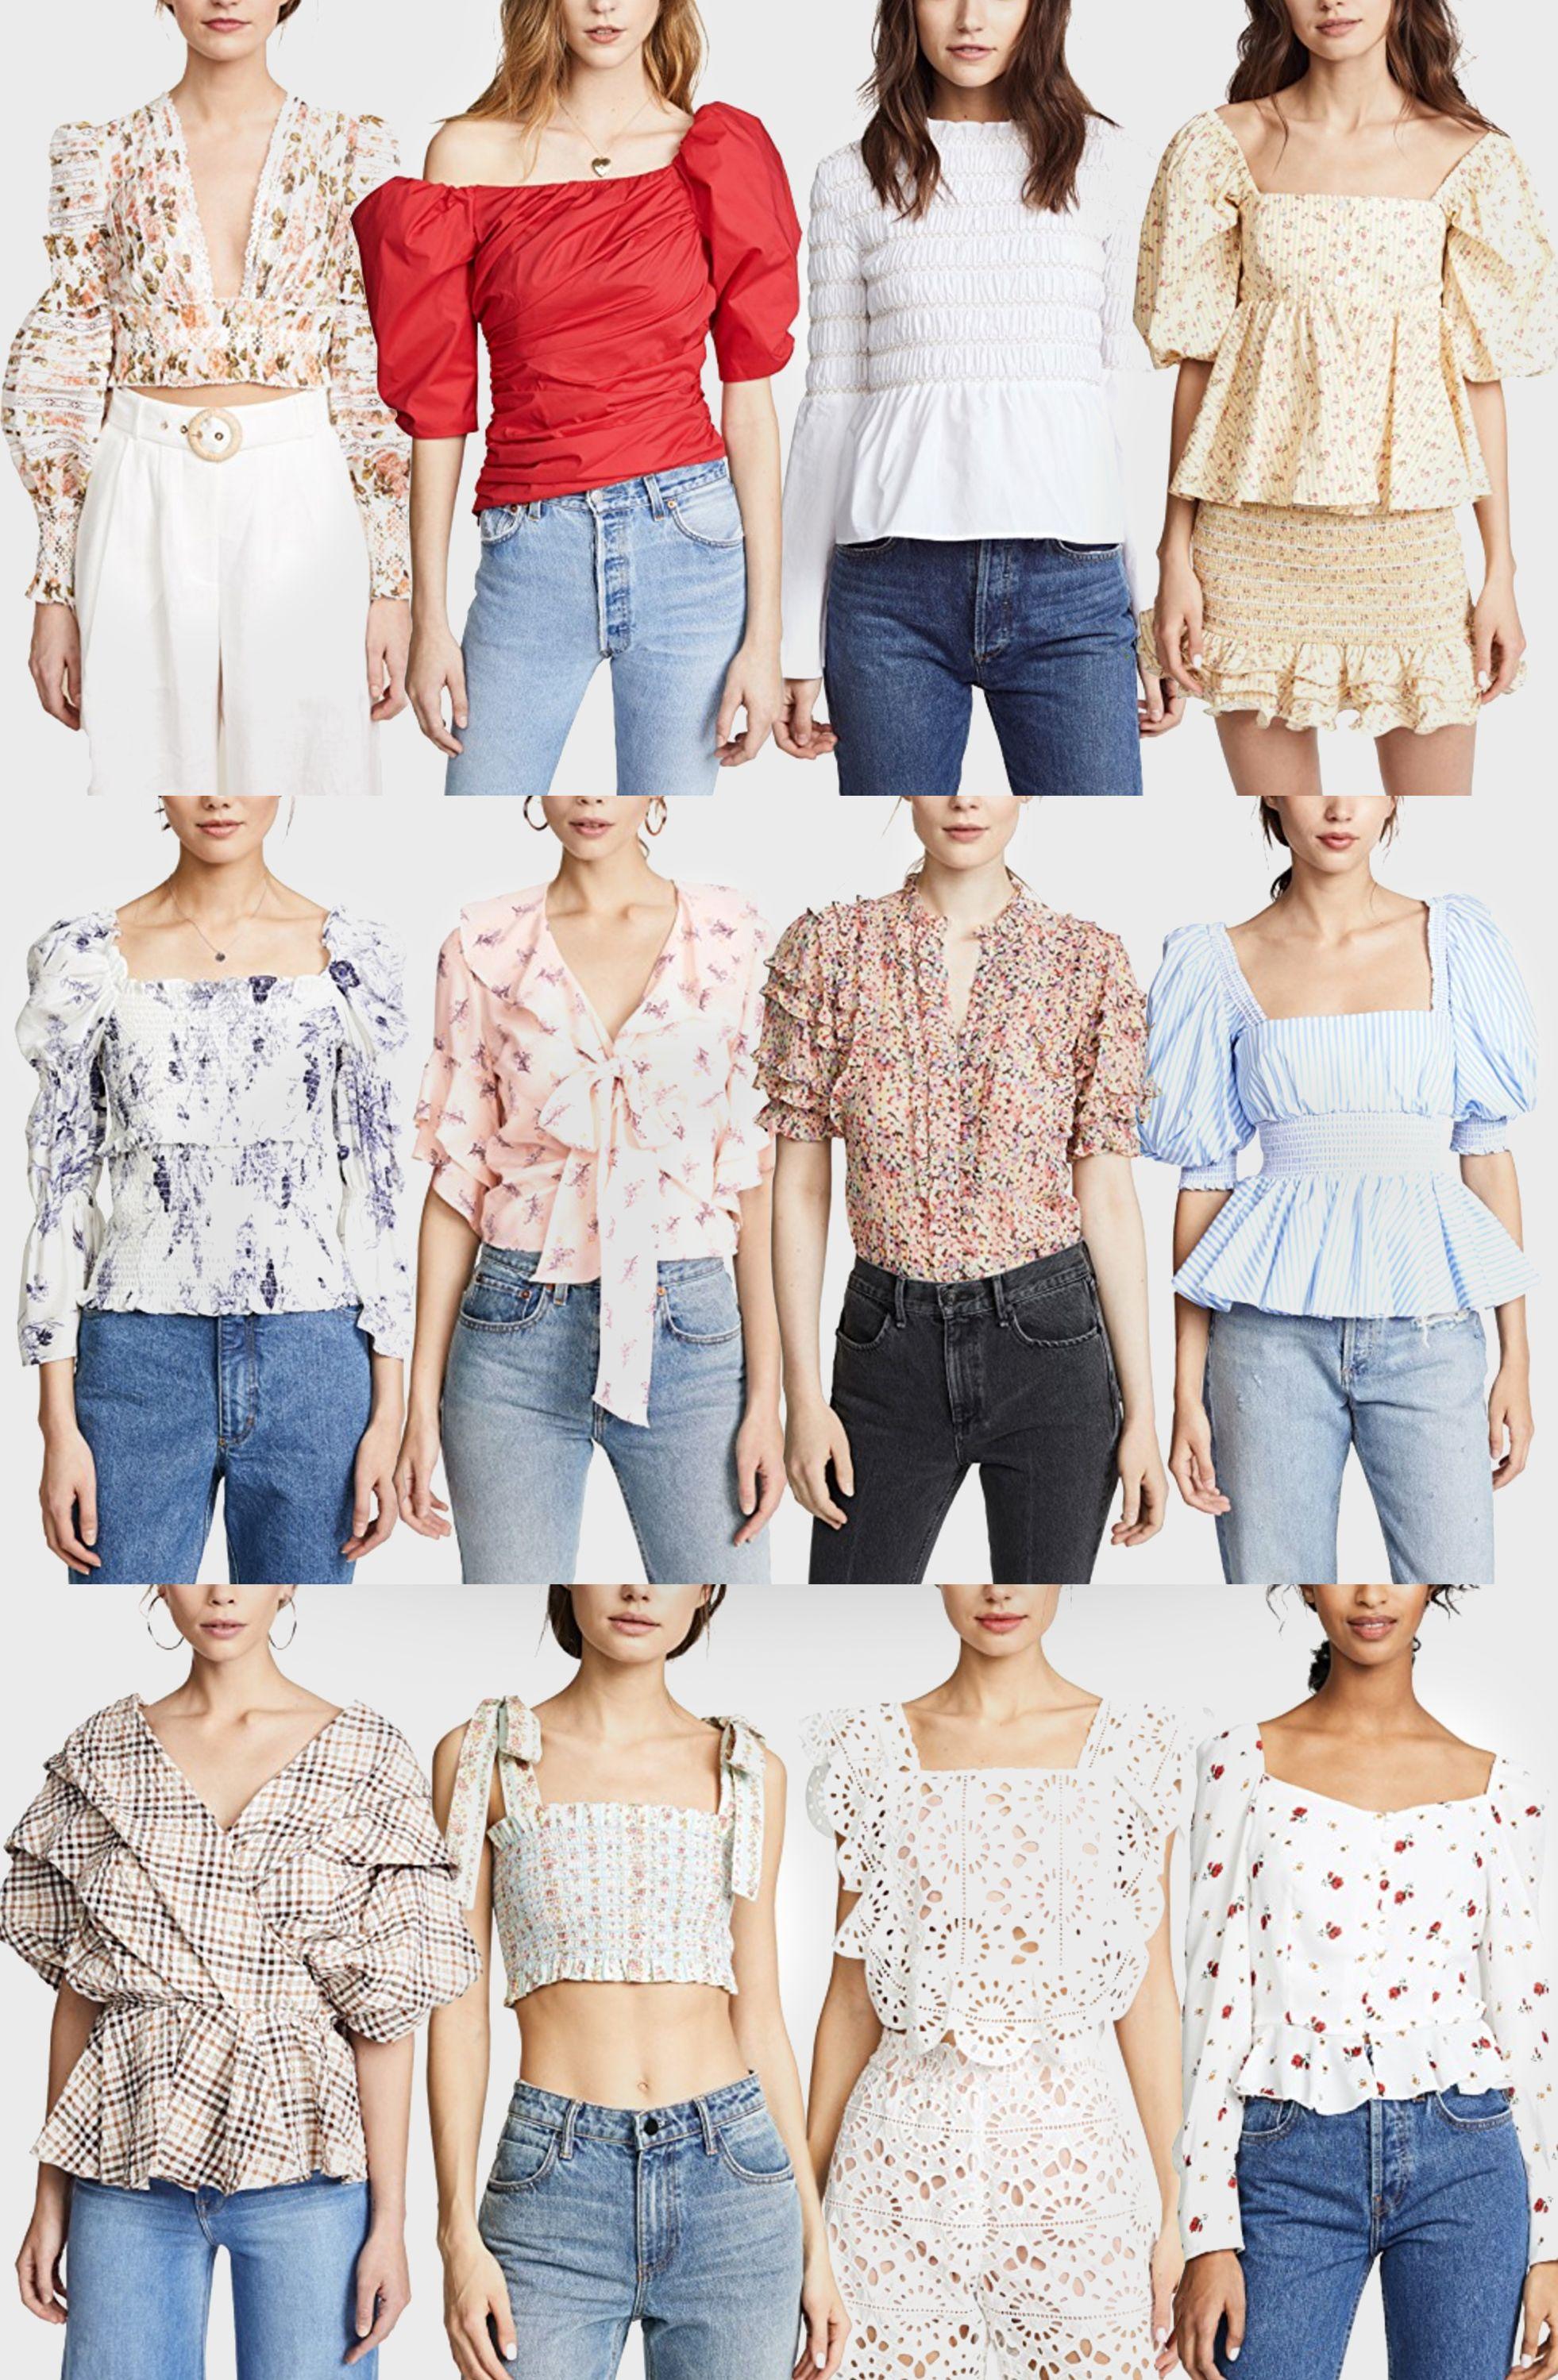 5e9dba7b3a95e3 All the romantic tops you need for spring! Click through to shop